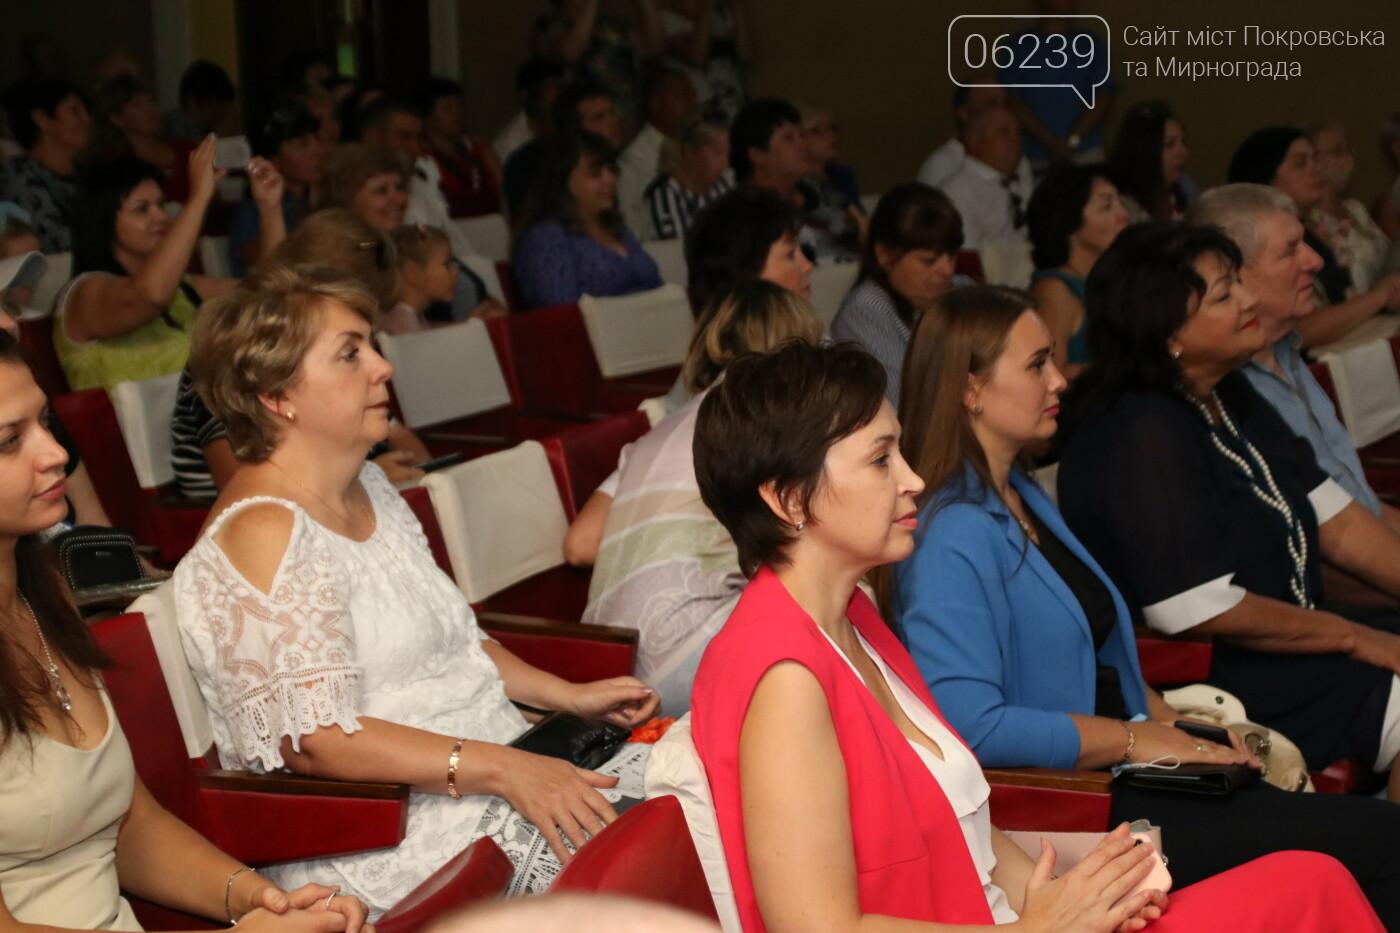 Жителей Мирнограда поздравили с Днем шахтера и Днем города, фото-3